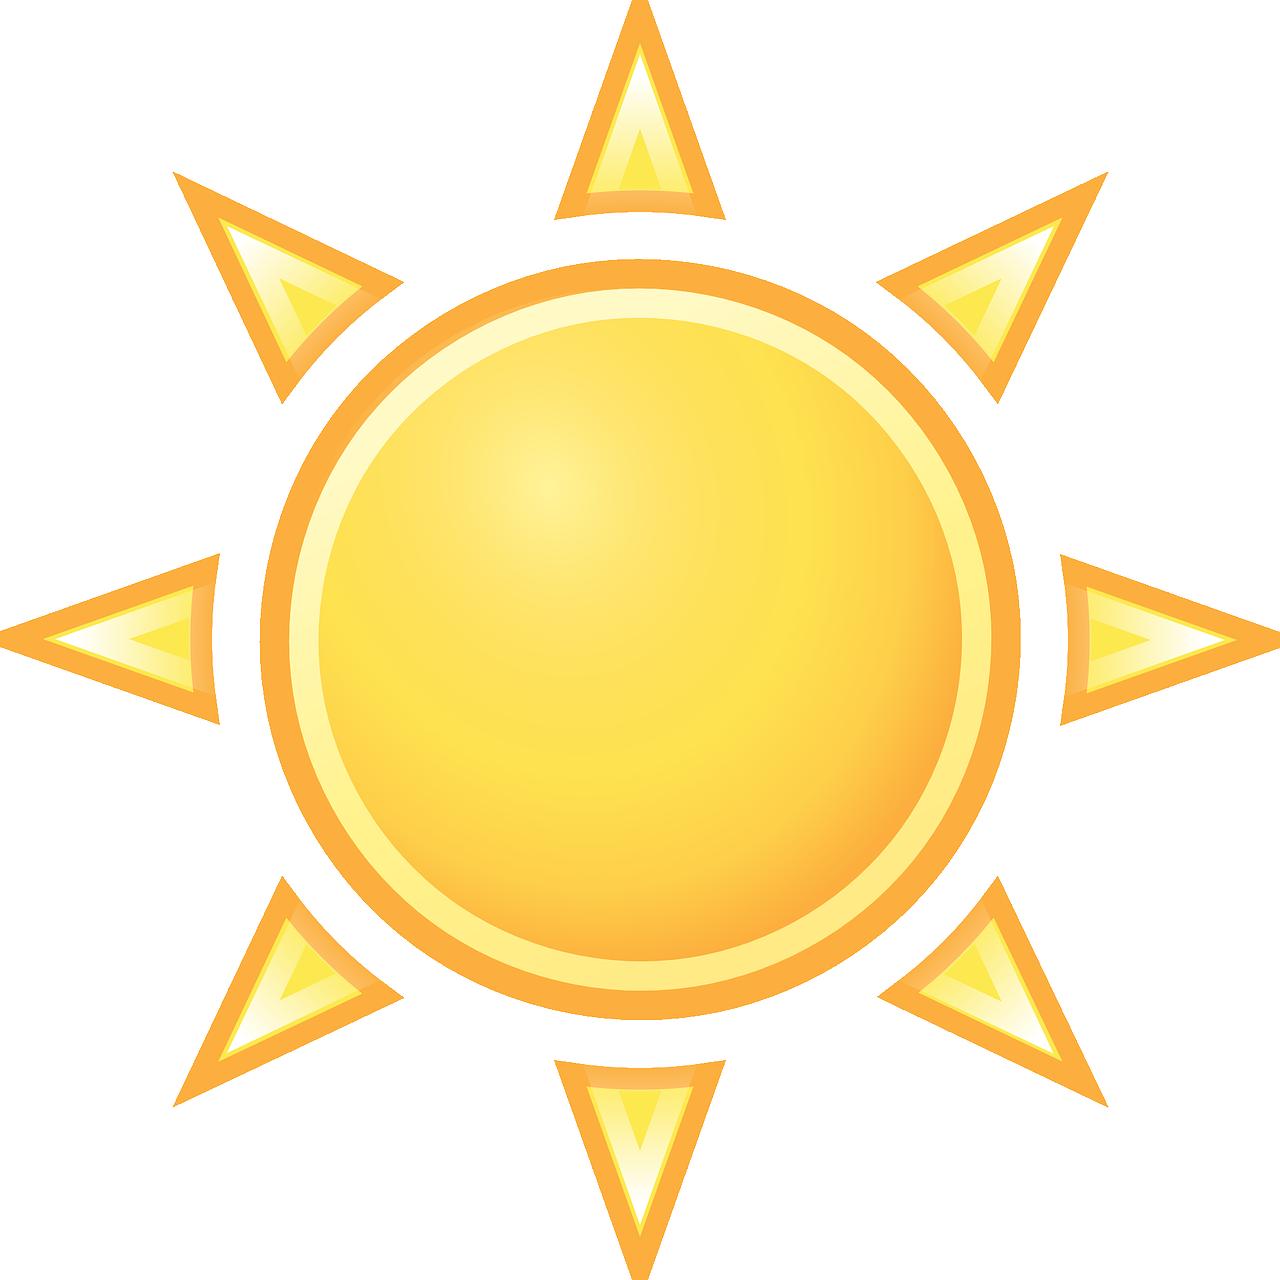 warm, sunny, sun